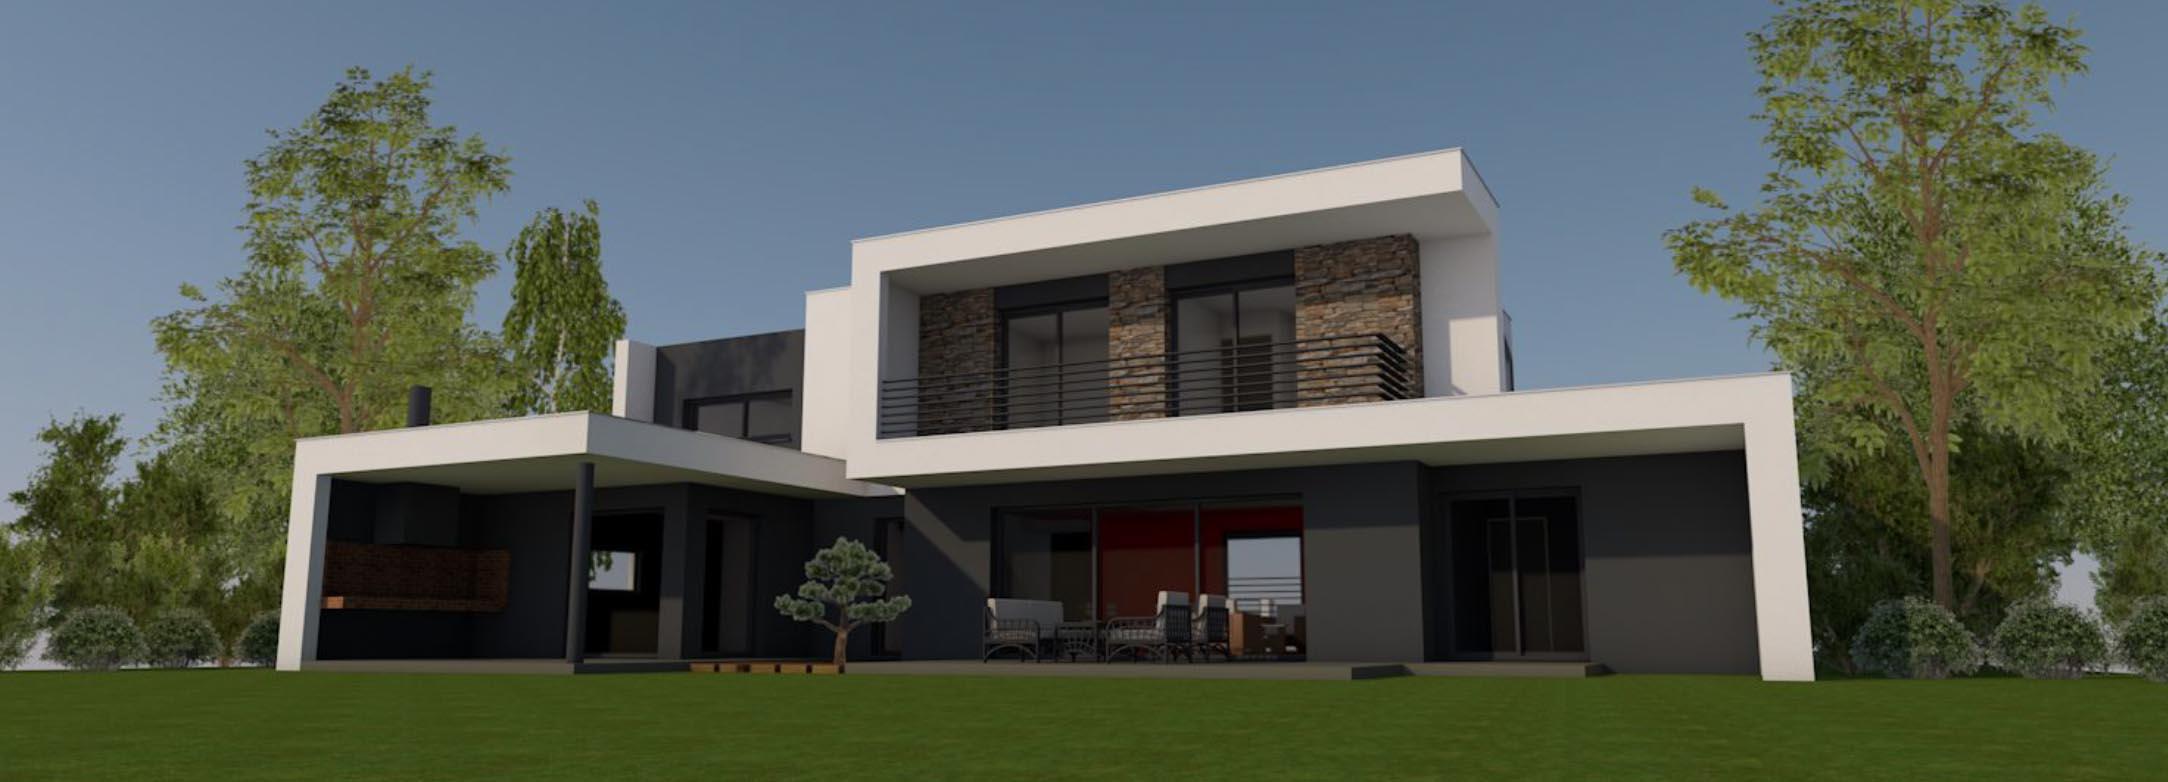 Villa BM - Architecte Georges BOFILL